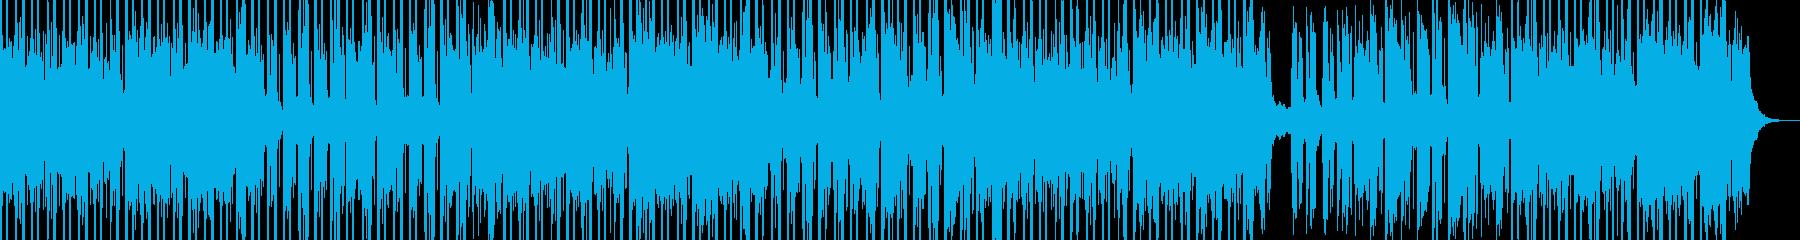 神秘的な民族音楽風BGMの再生済みの波形